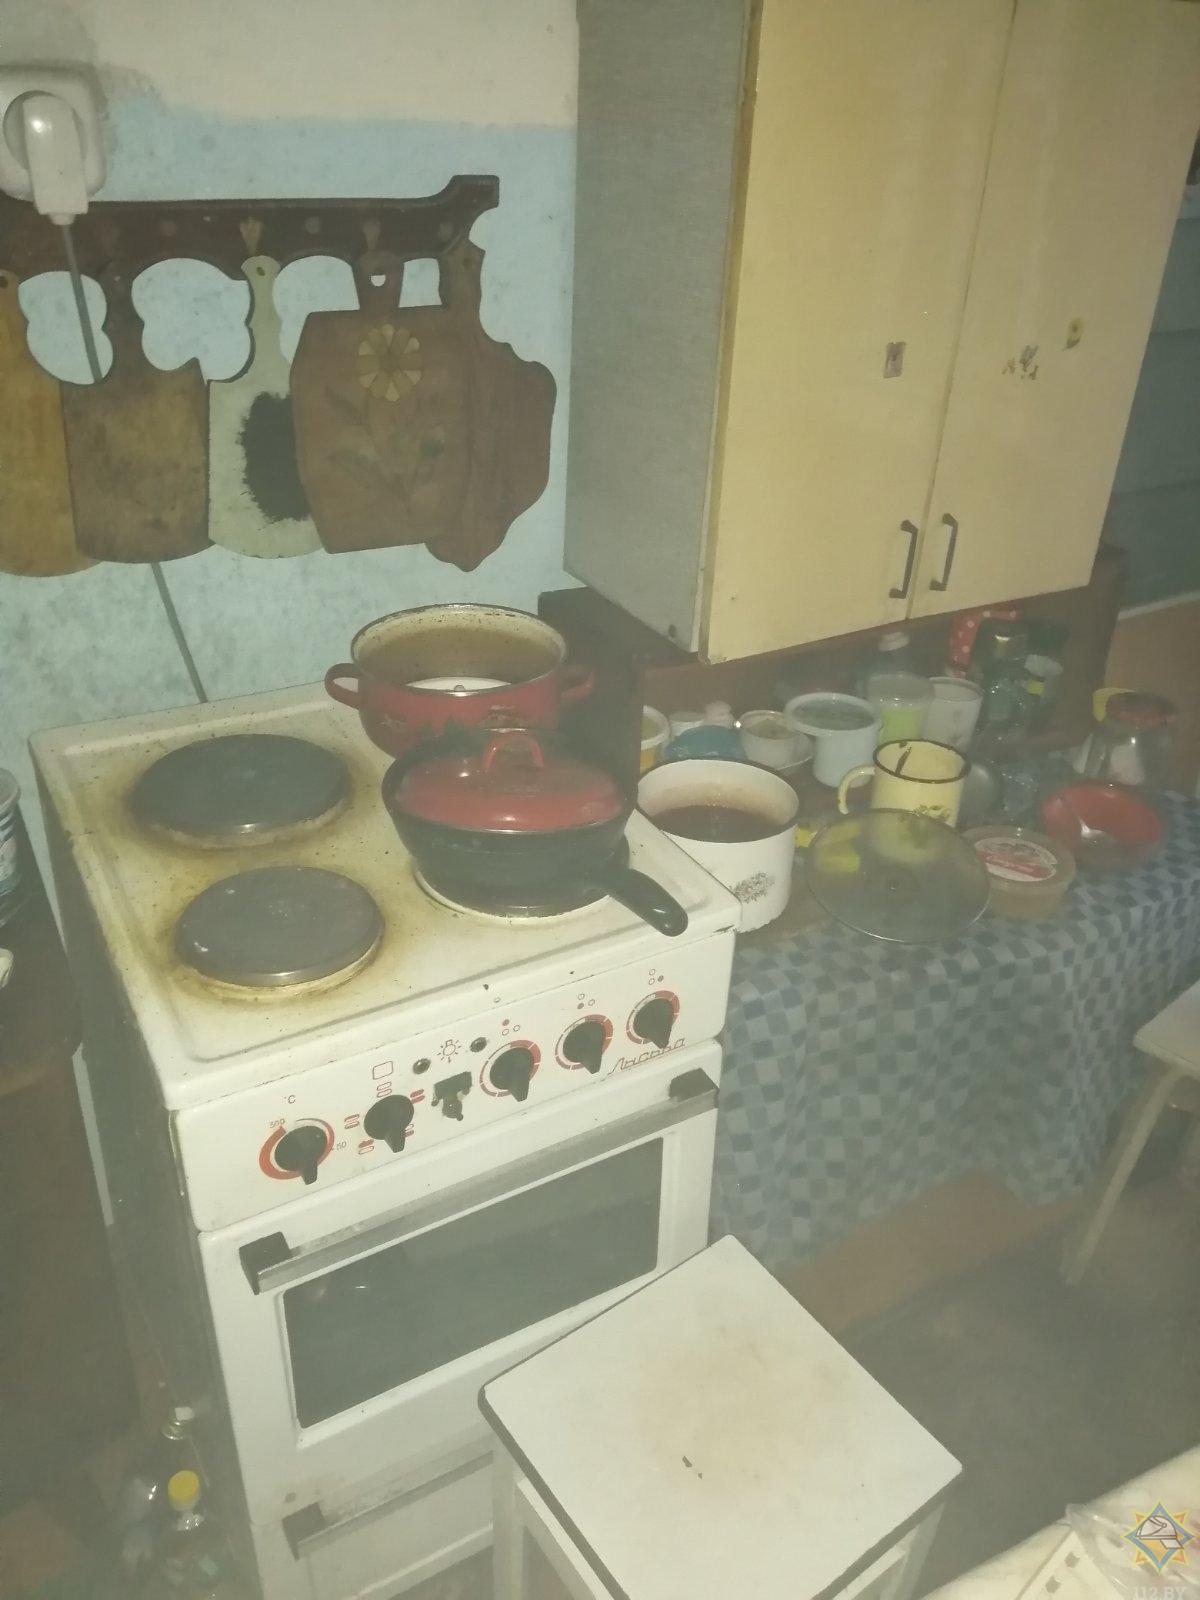 Подгорание пищи едва не привело к непоправимым последствиям